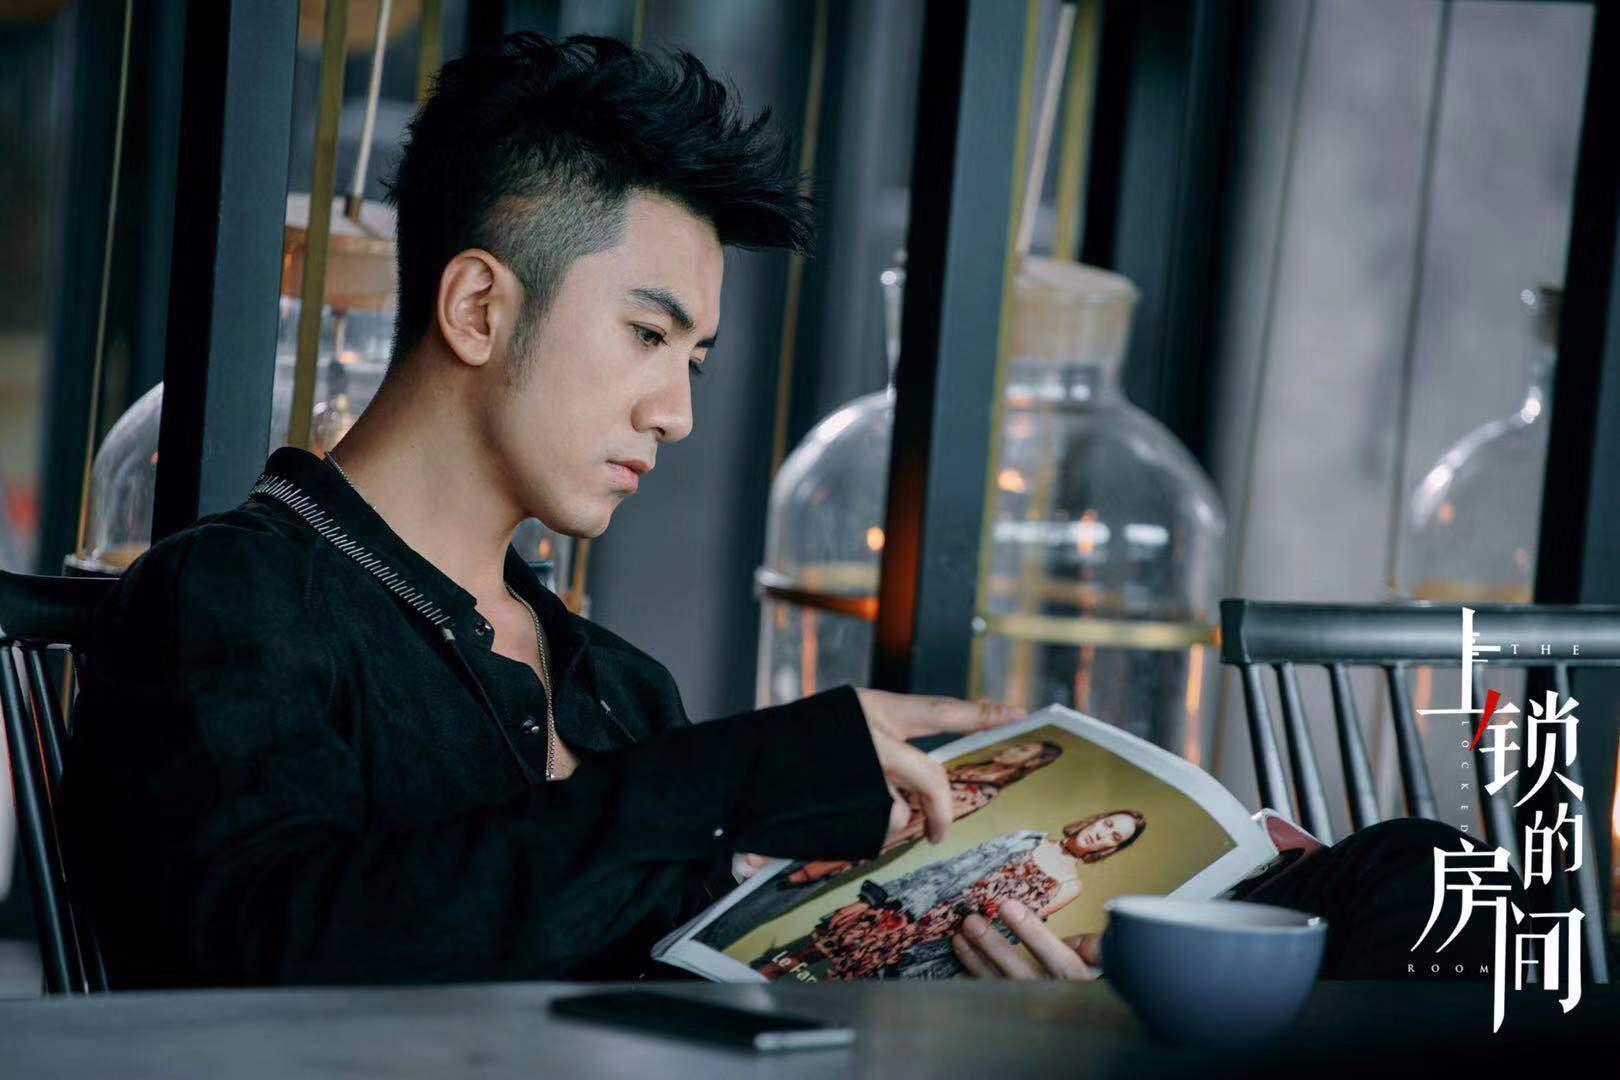 《上锁的房间》热播肖顺尧带感演绎反派李琰俊获认可